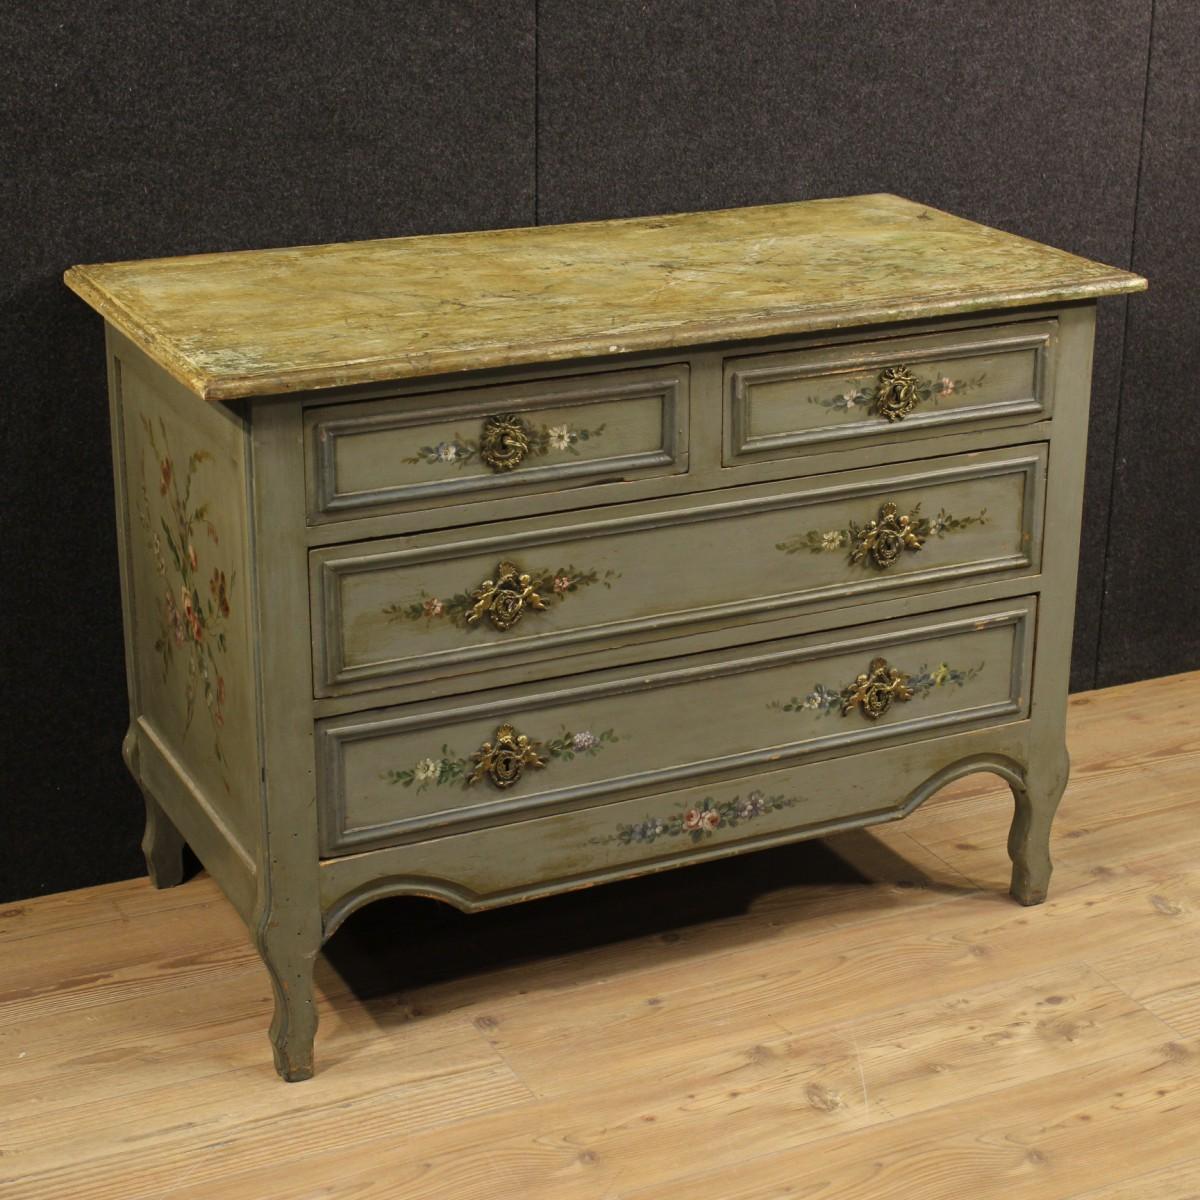 Originalit in casa i mobili antichi laccati - Mobili antichi colorati ...